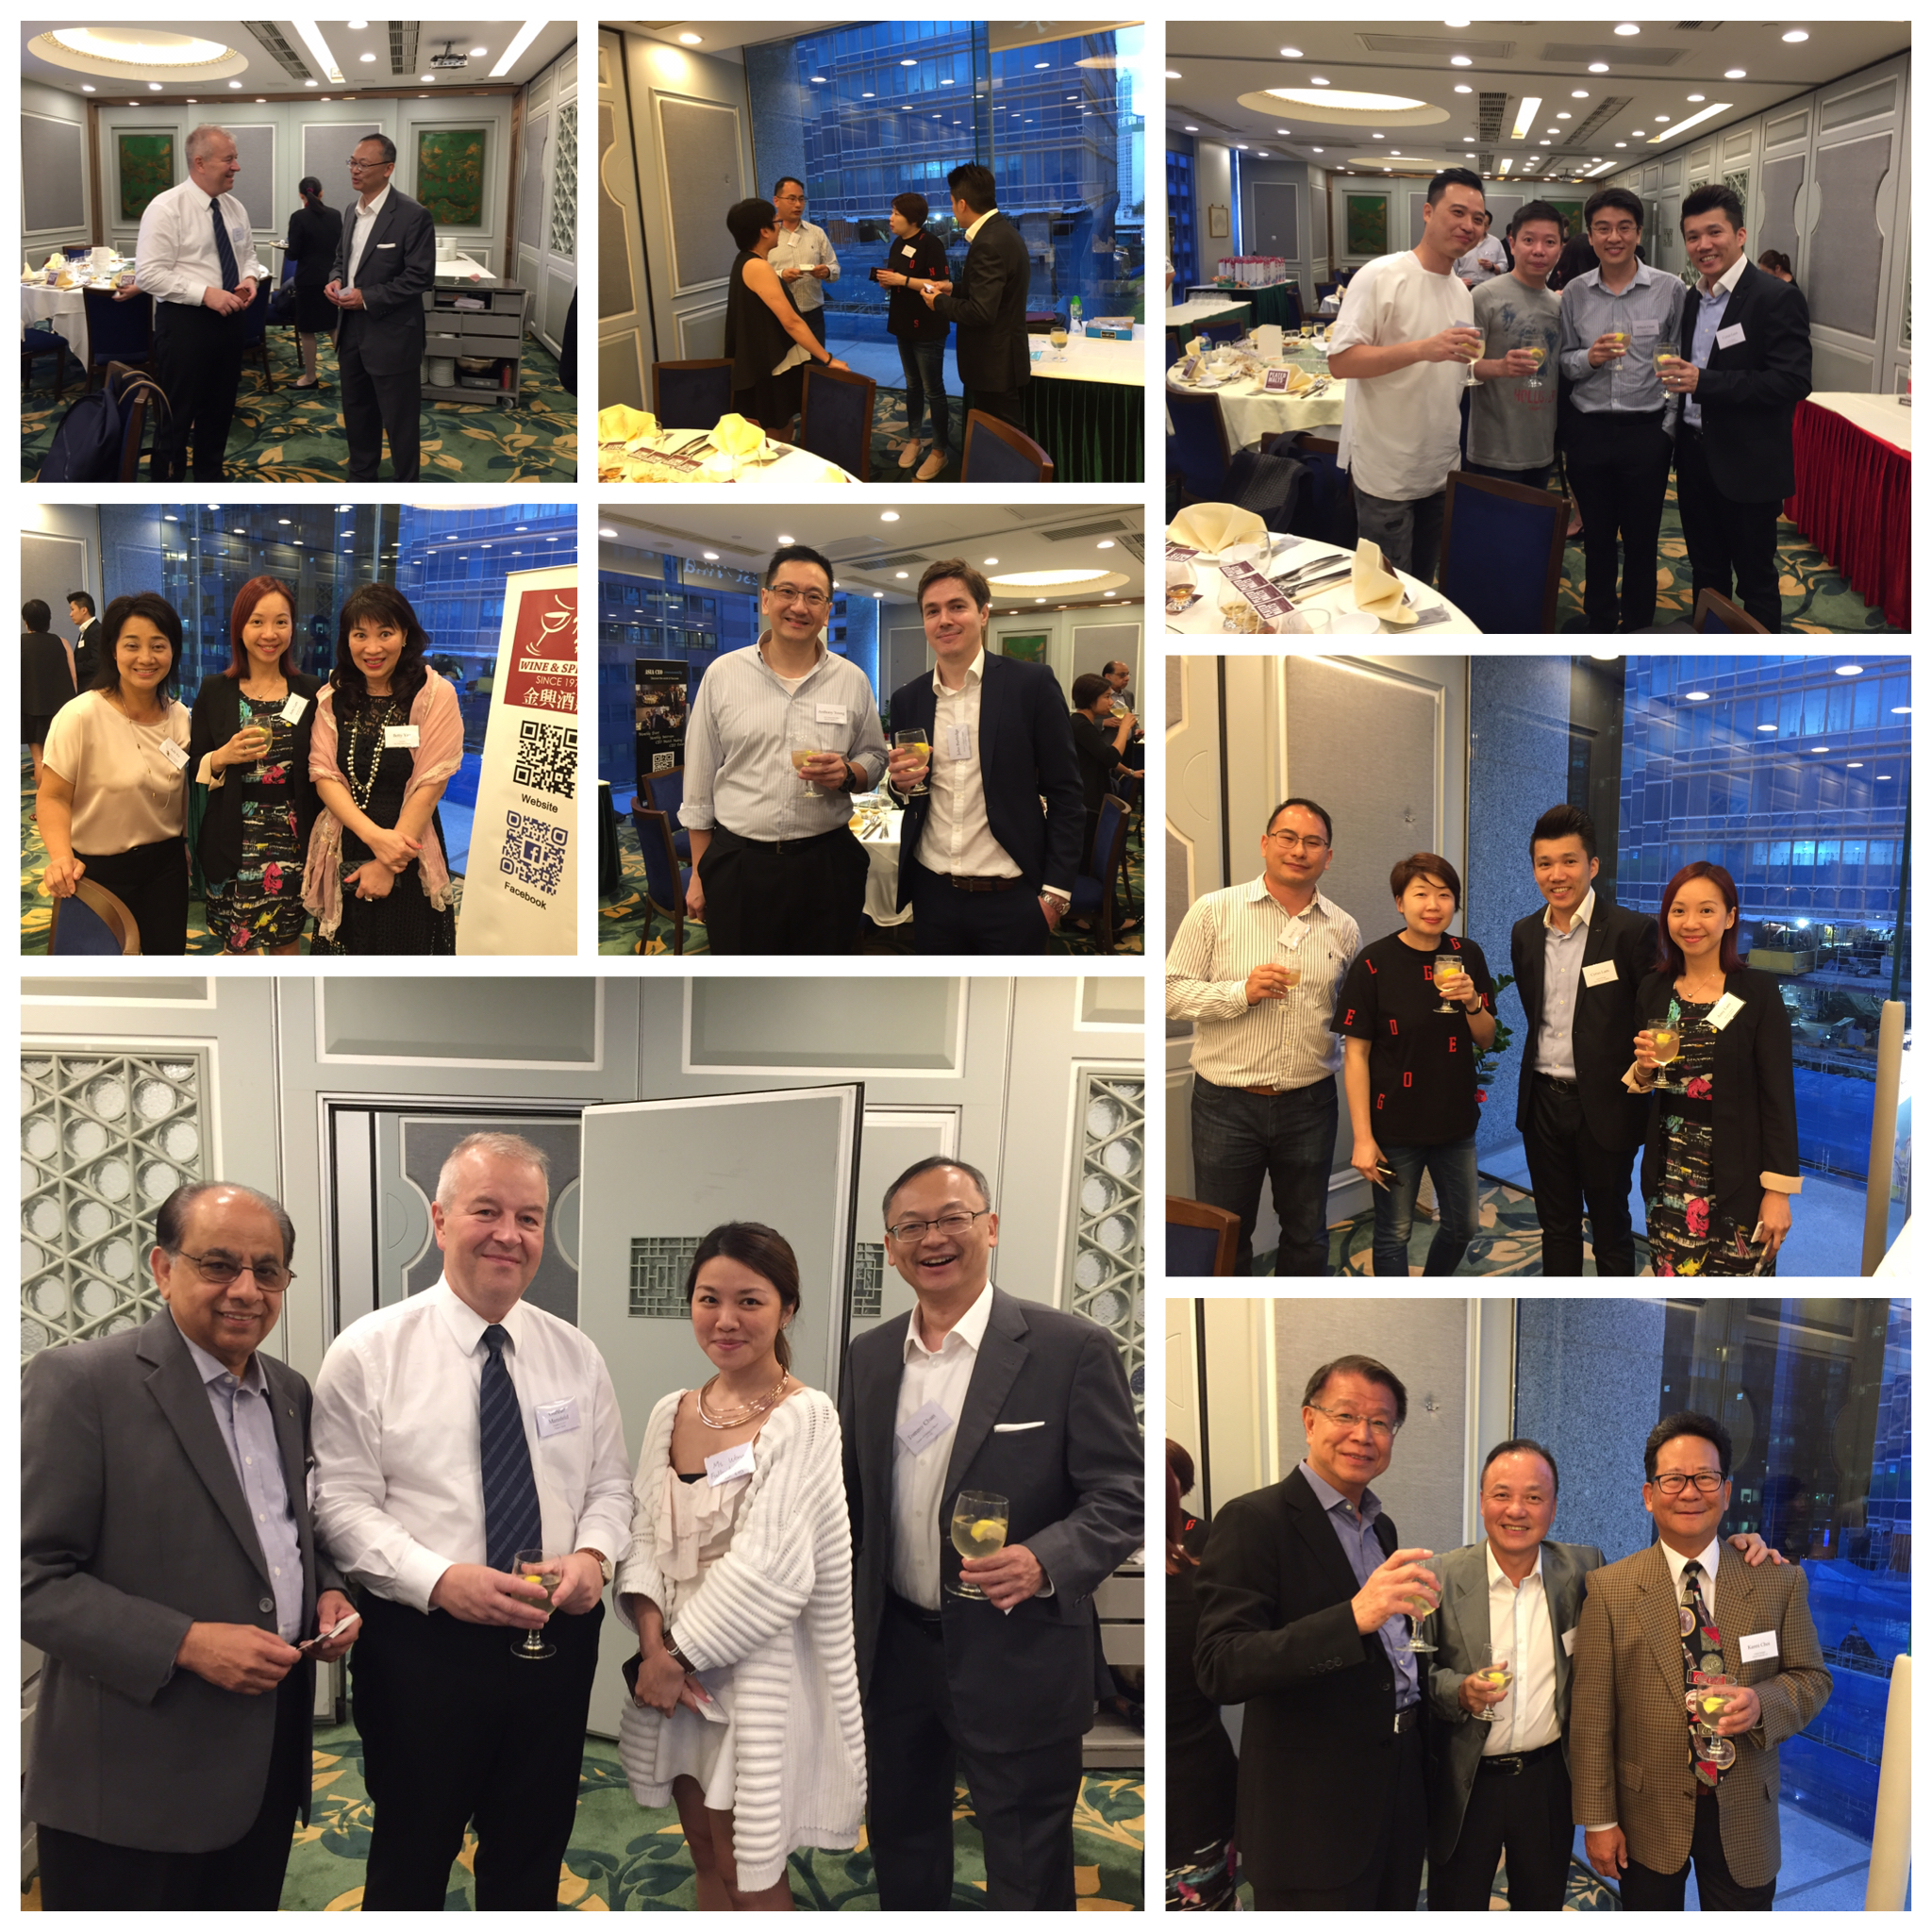 Wine Tasting Events - Jun 2017